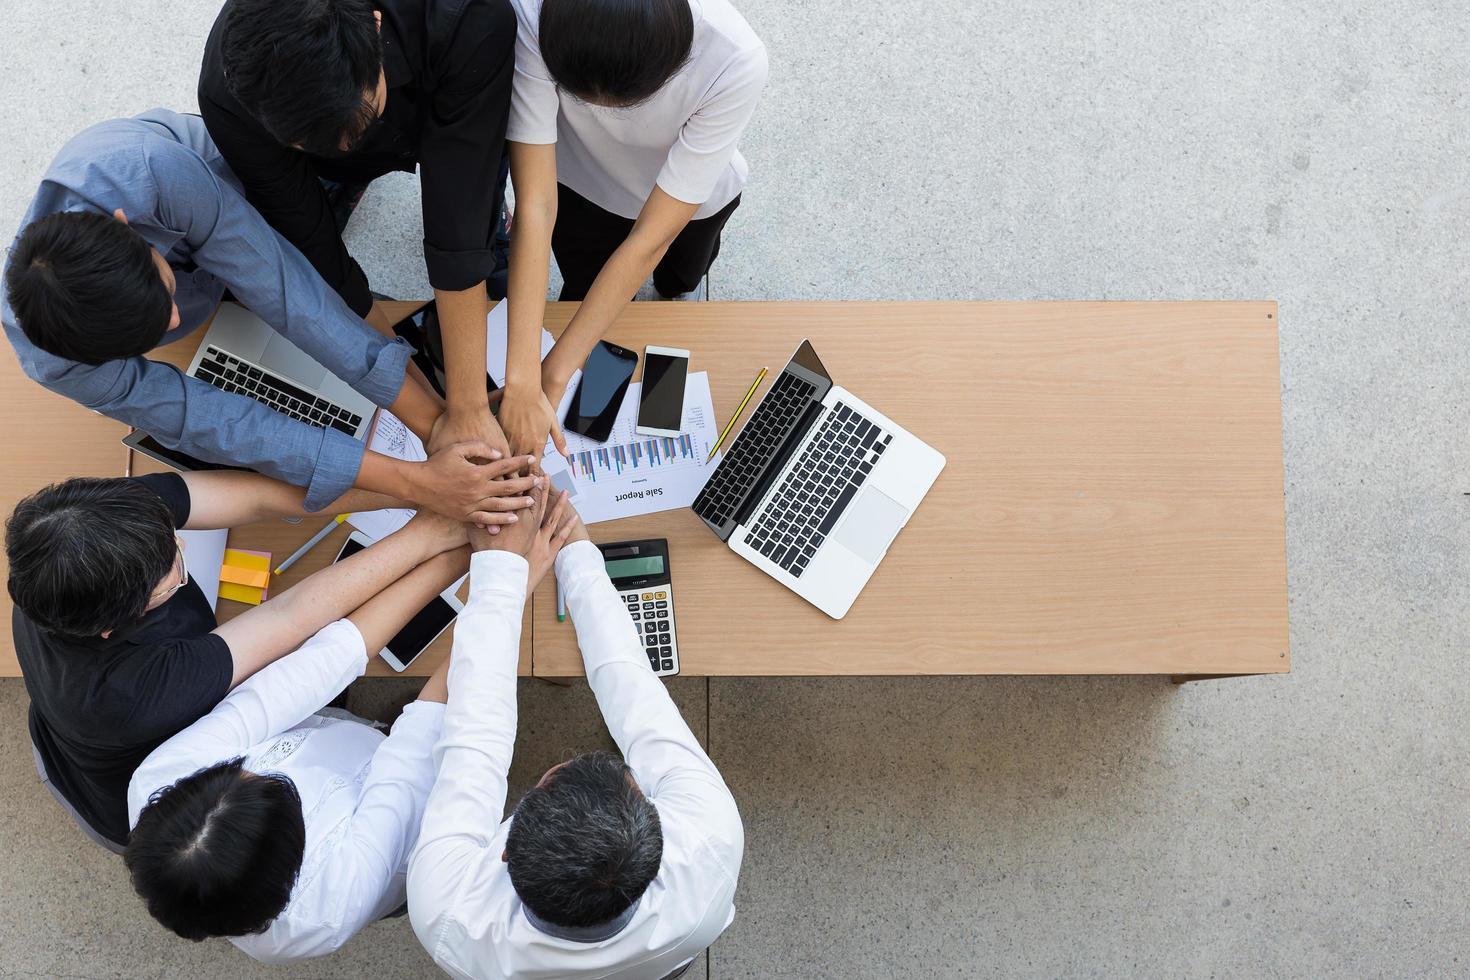 groupe de gens d'affaires dans un concept de collaboration photo